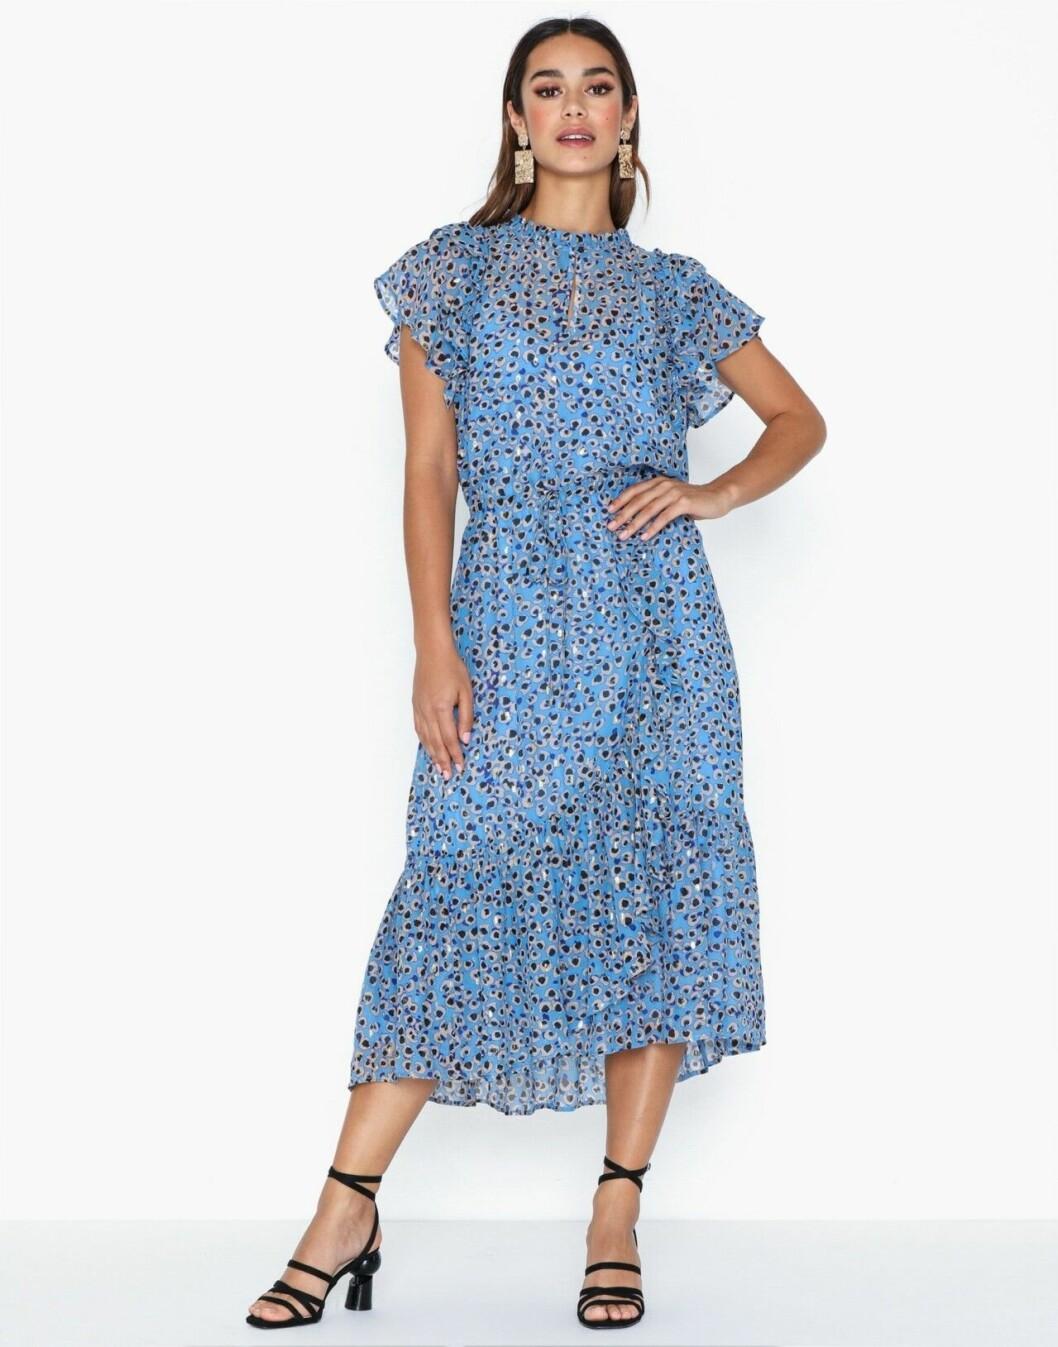 Småblommig klänning för dam till bröllopet 2020